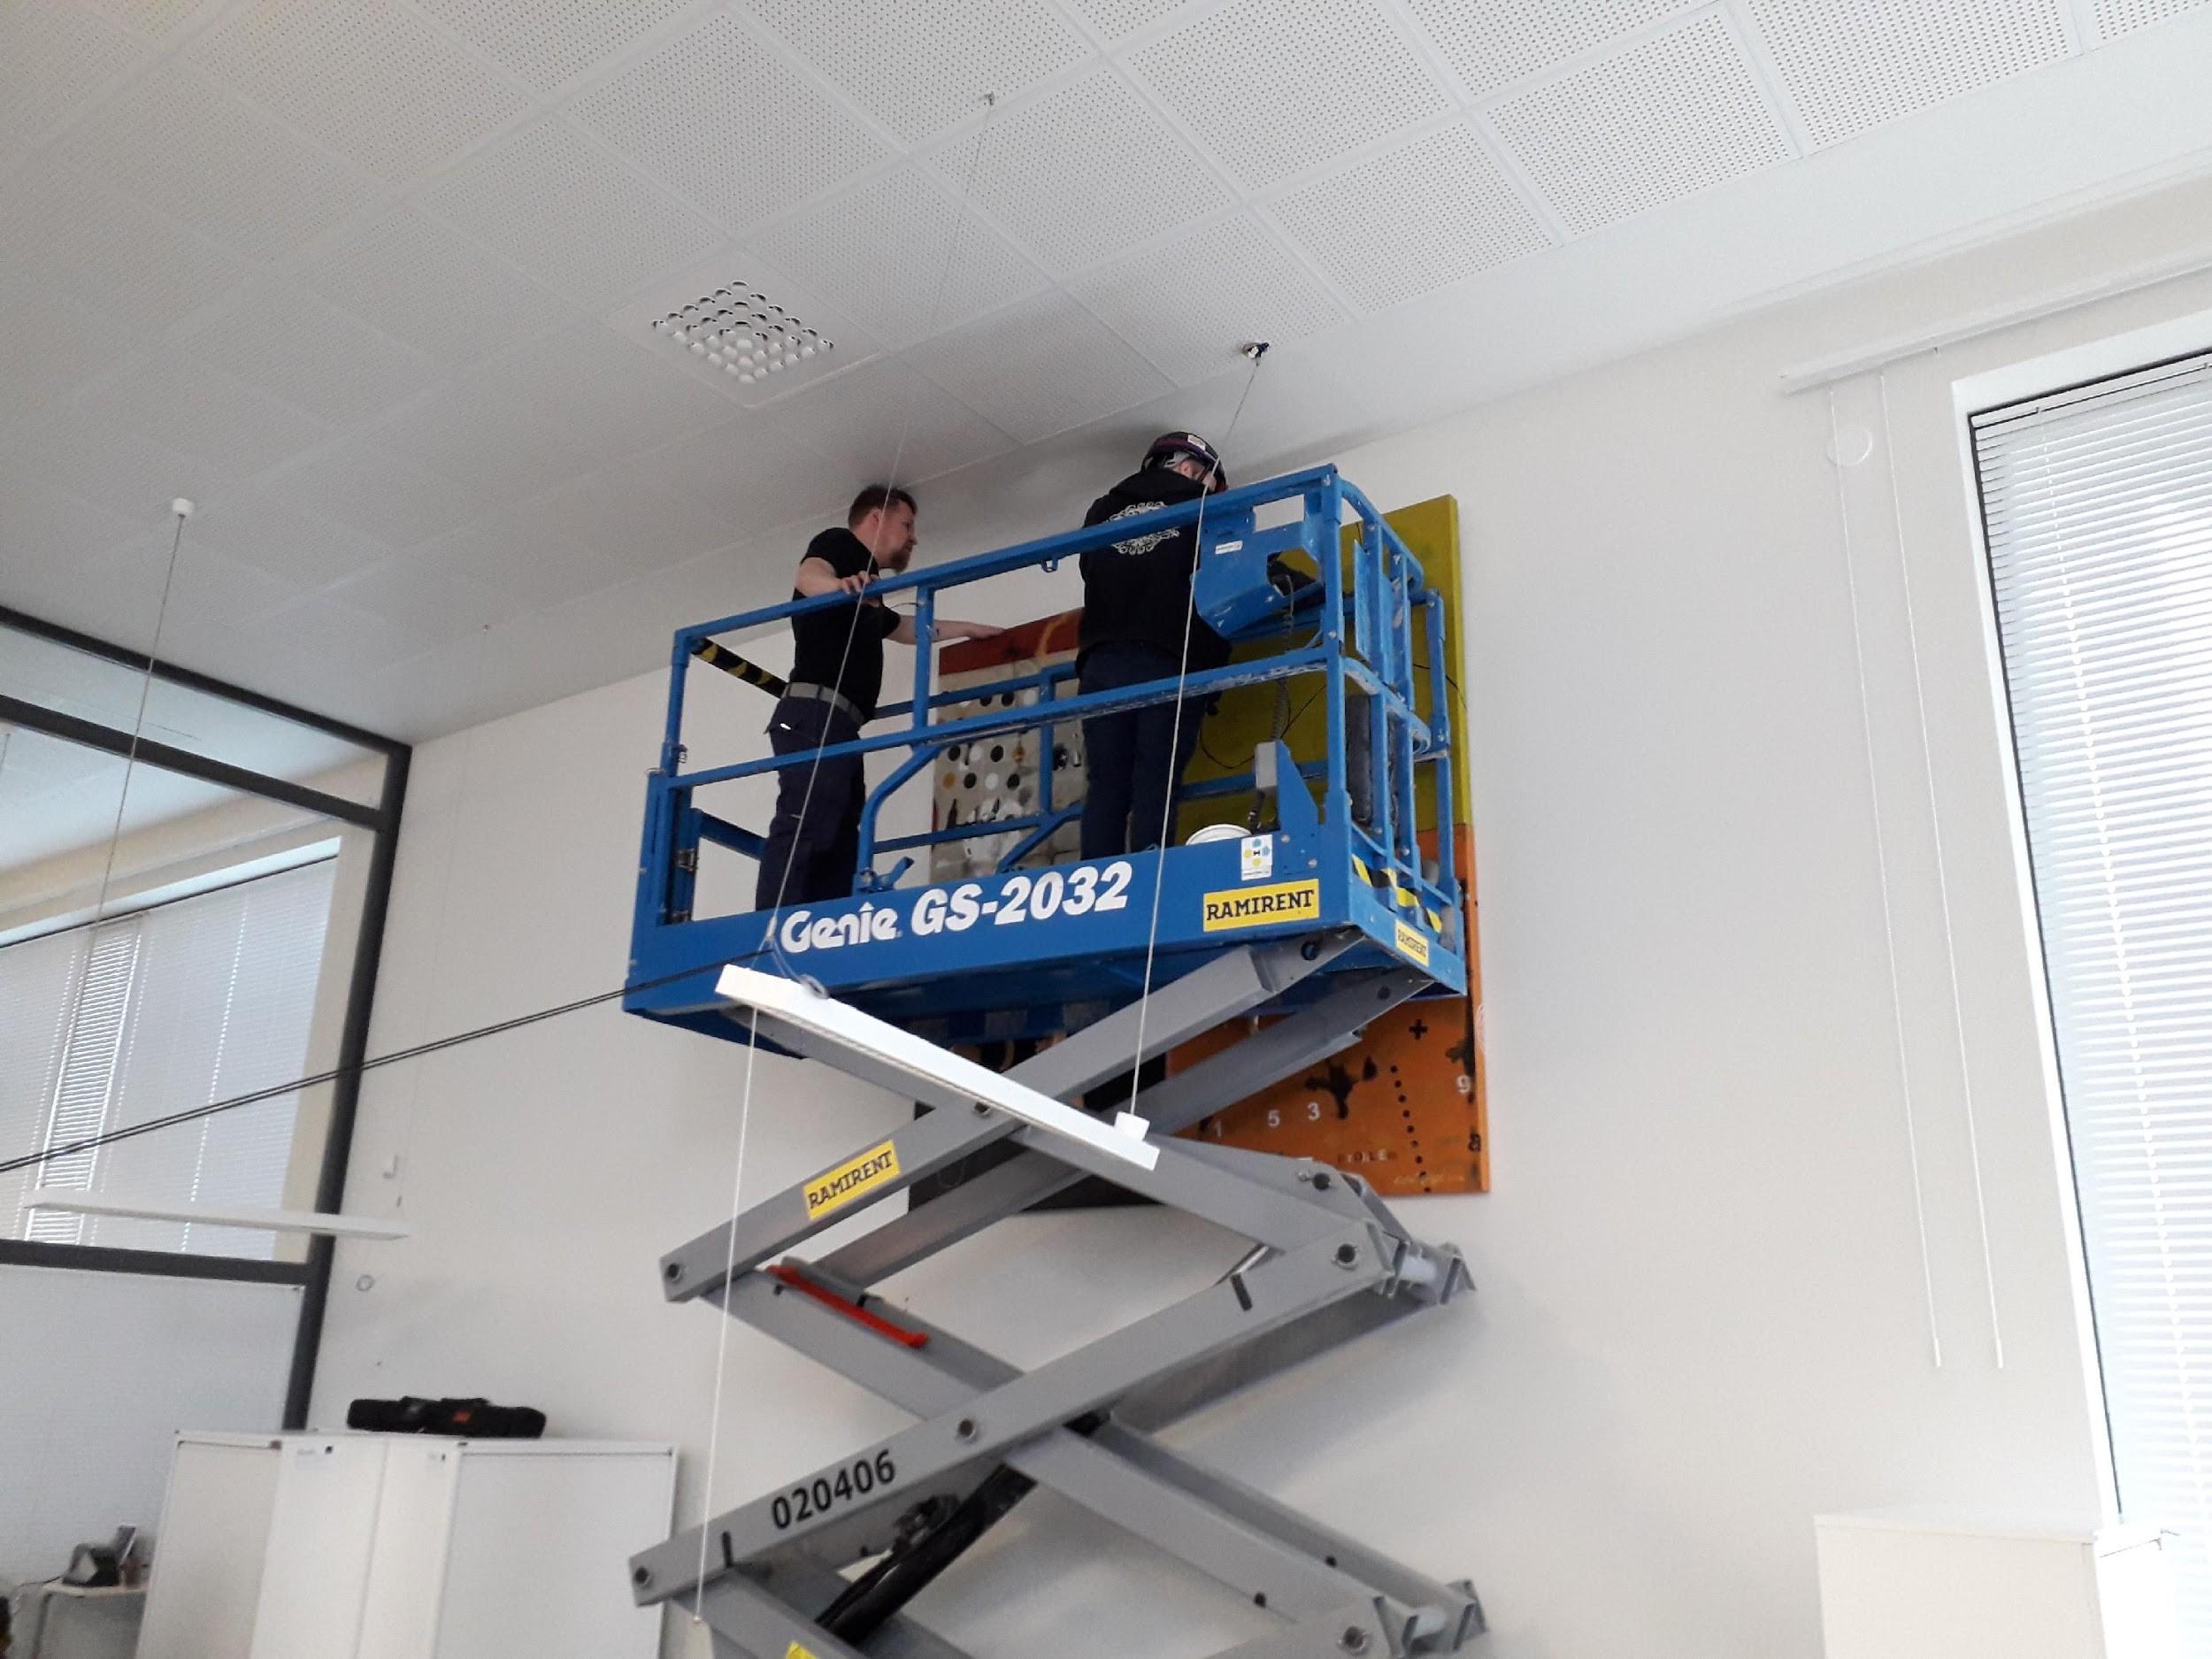 Teosten alas saaminen seinältä vaati välillä henkilönostimen käyttöä. Kuva: Tiina Tolonen.